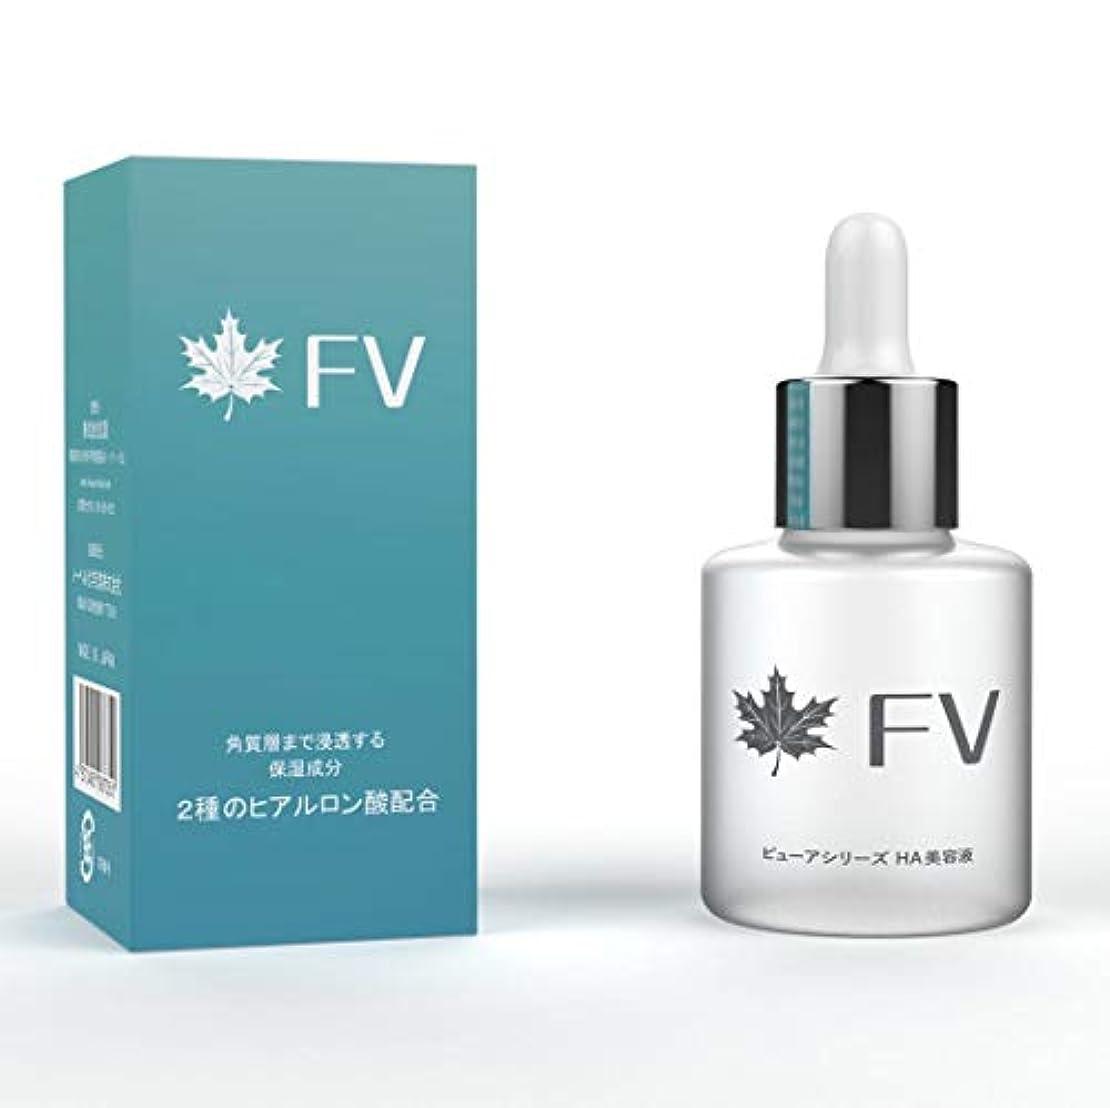 離婚一生グリーンランドFV ヒアルロン酸原液(美容液)30ml 高分子超保湿キャッチ型と低分子修復リペア型 2種のヒアルロン酸  日本製